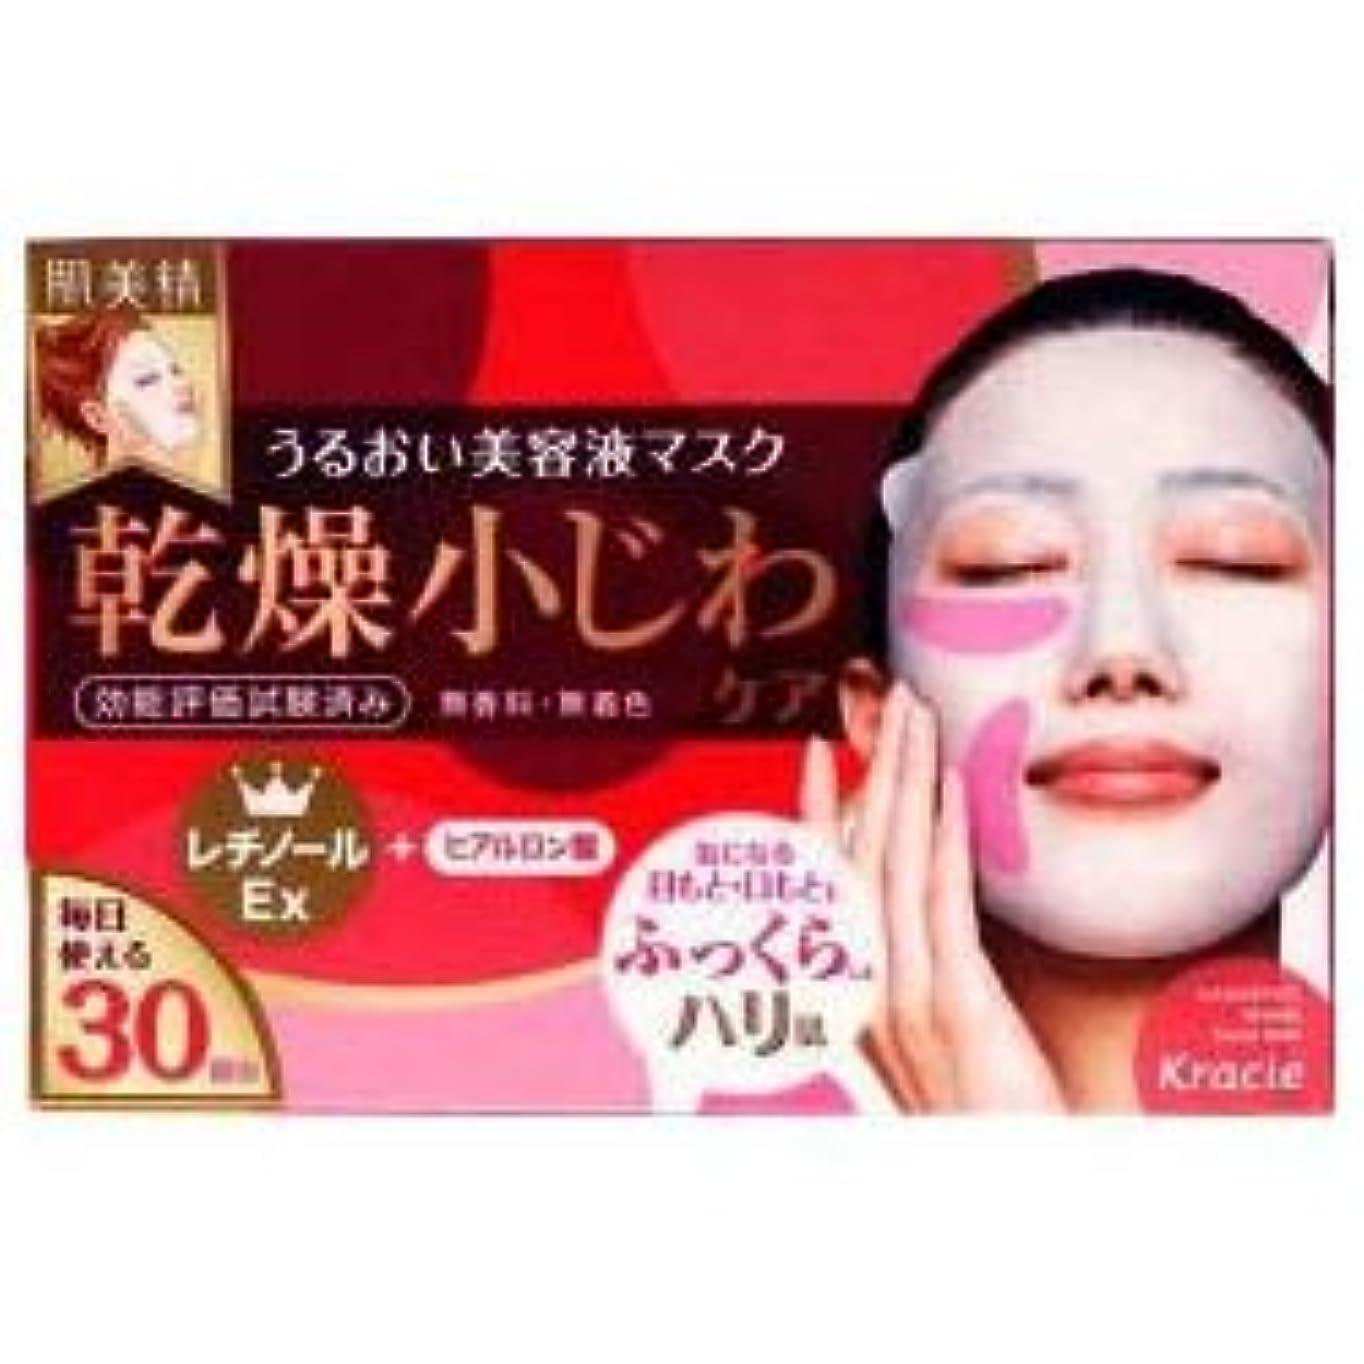 枢機卿さようなら後悔【クラシエ】肌美精 デイリーリンクルケア美容液マスク 30枚 ×20個セット